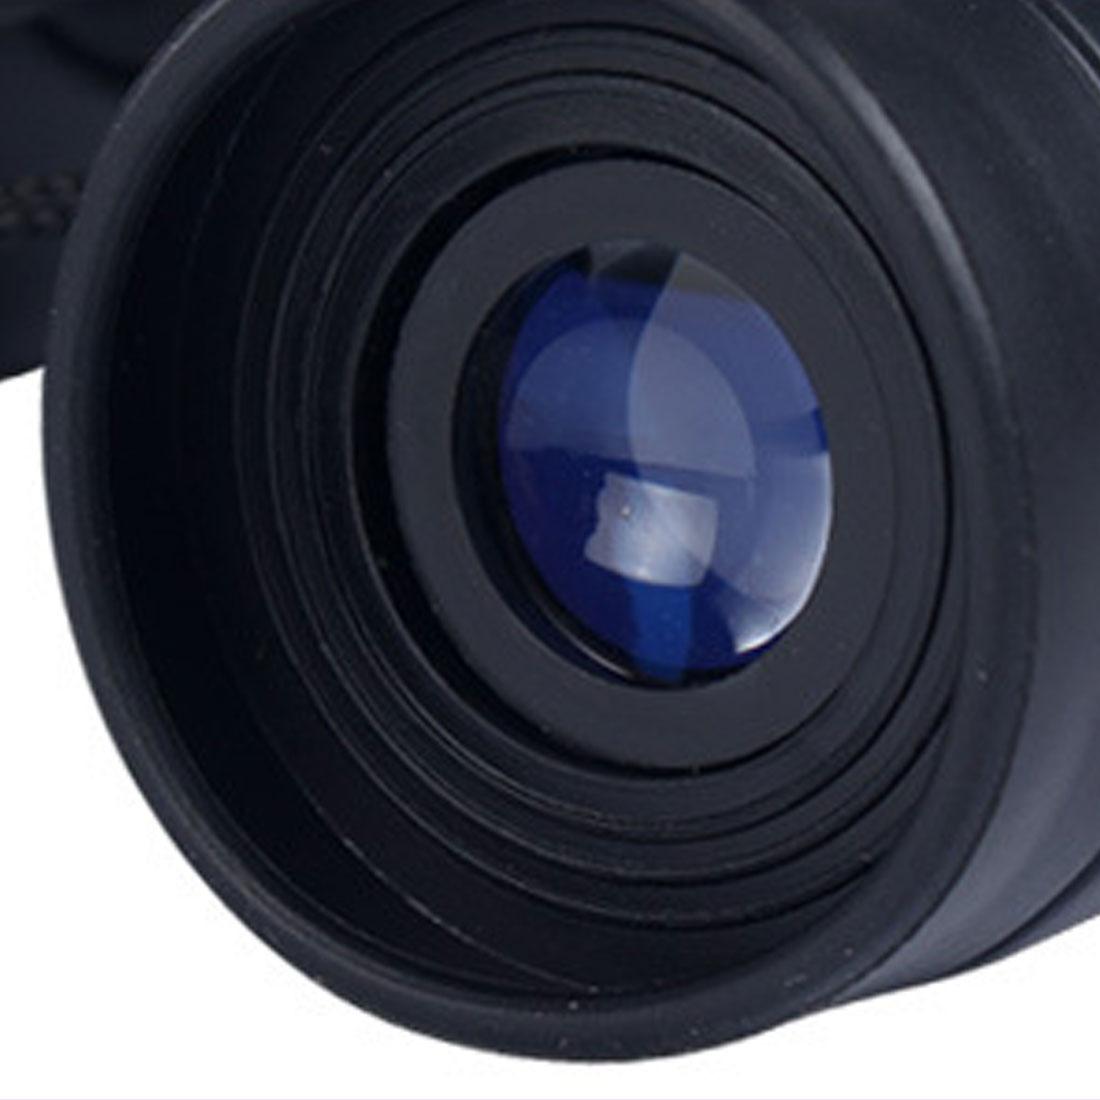 caça, com zoom, visão de alta qualidade,